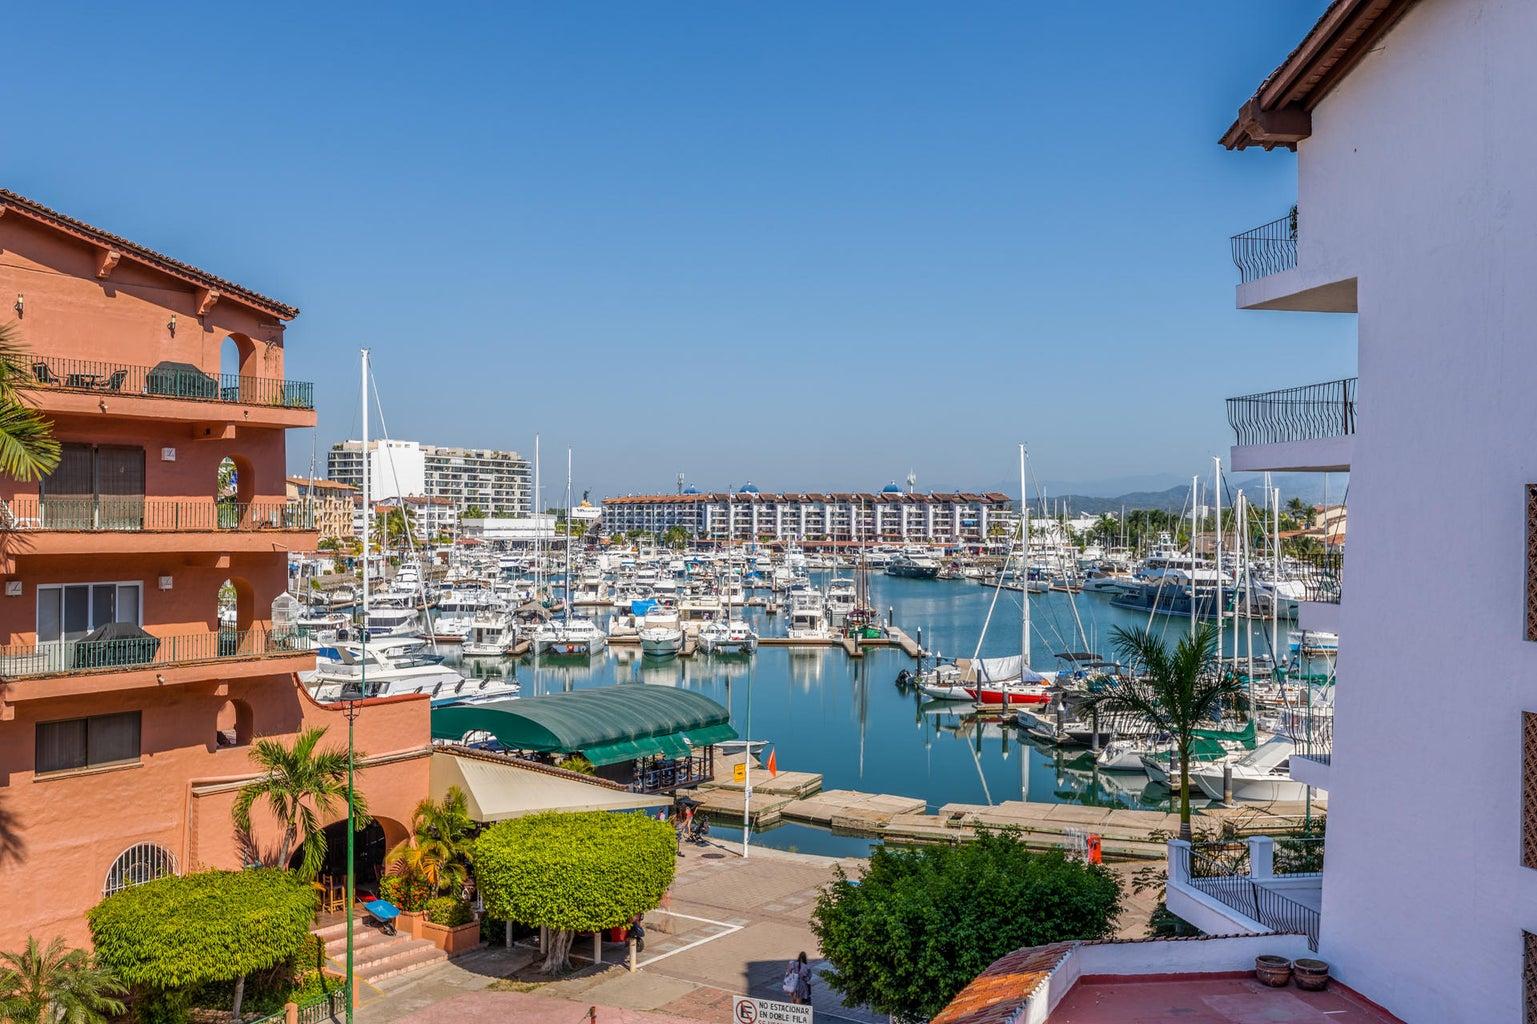 View from Balcony into Marina